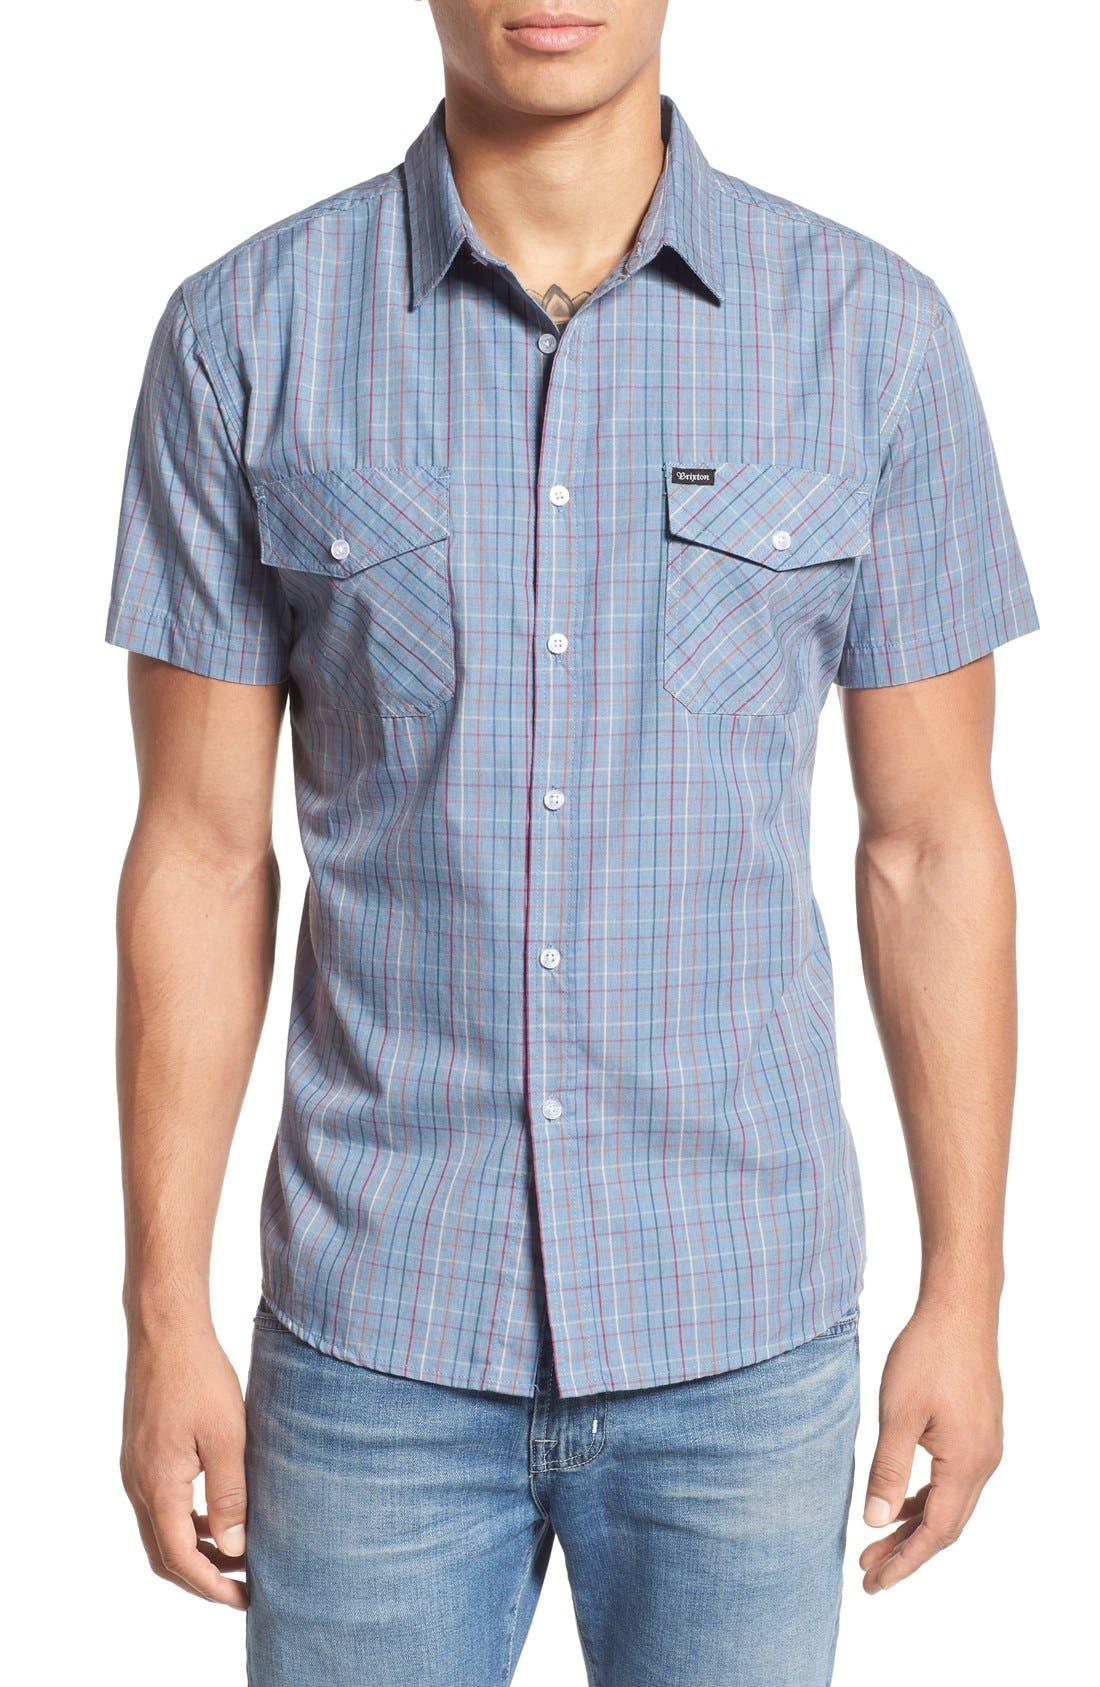 Brixton 'Memphis' Trim Fit Plaid Short Sleeve Woven Shirt